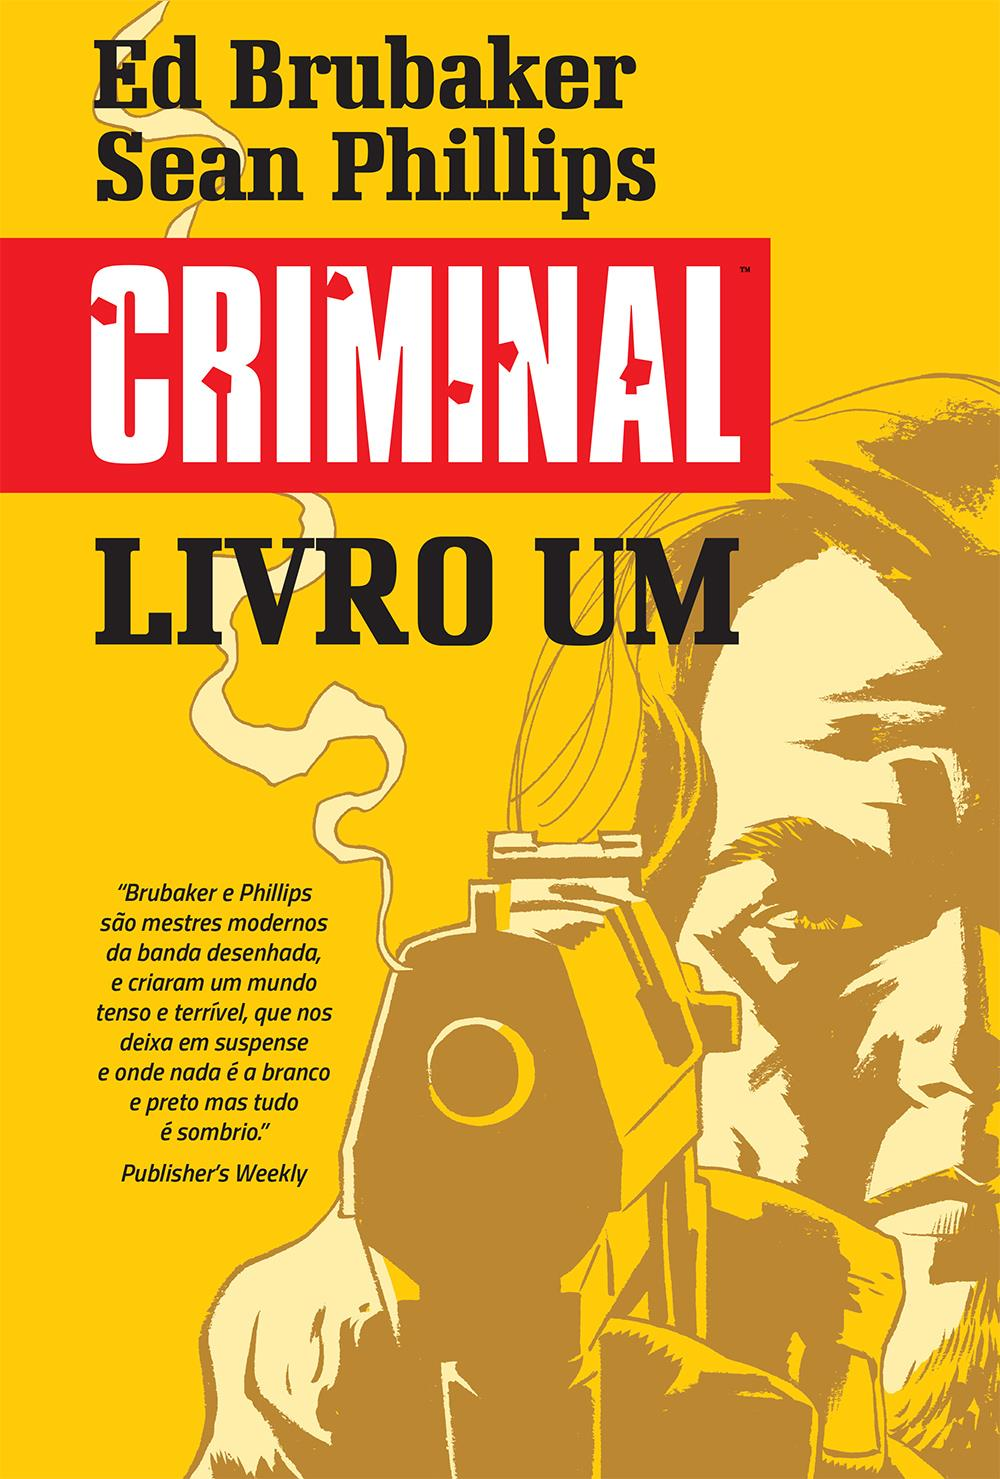 CRIMINAL LIVRO UM: Cobarde/Lawless